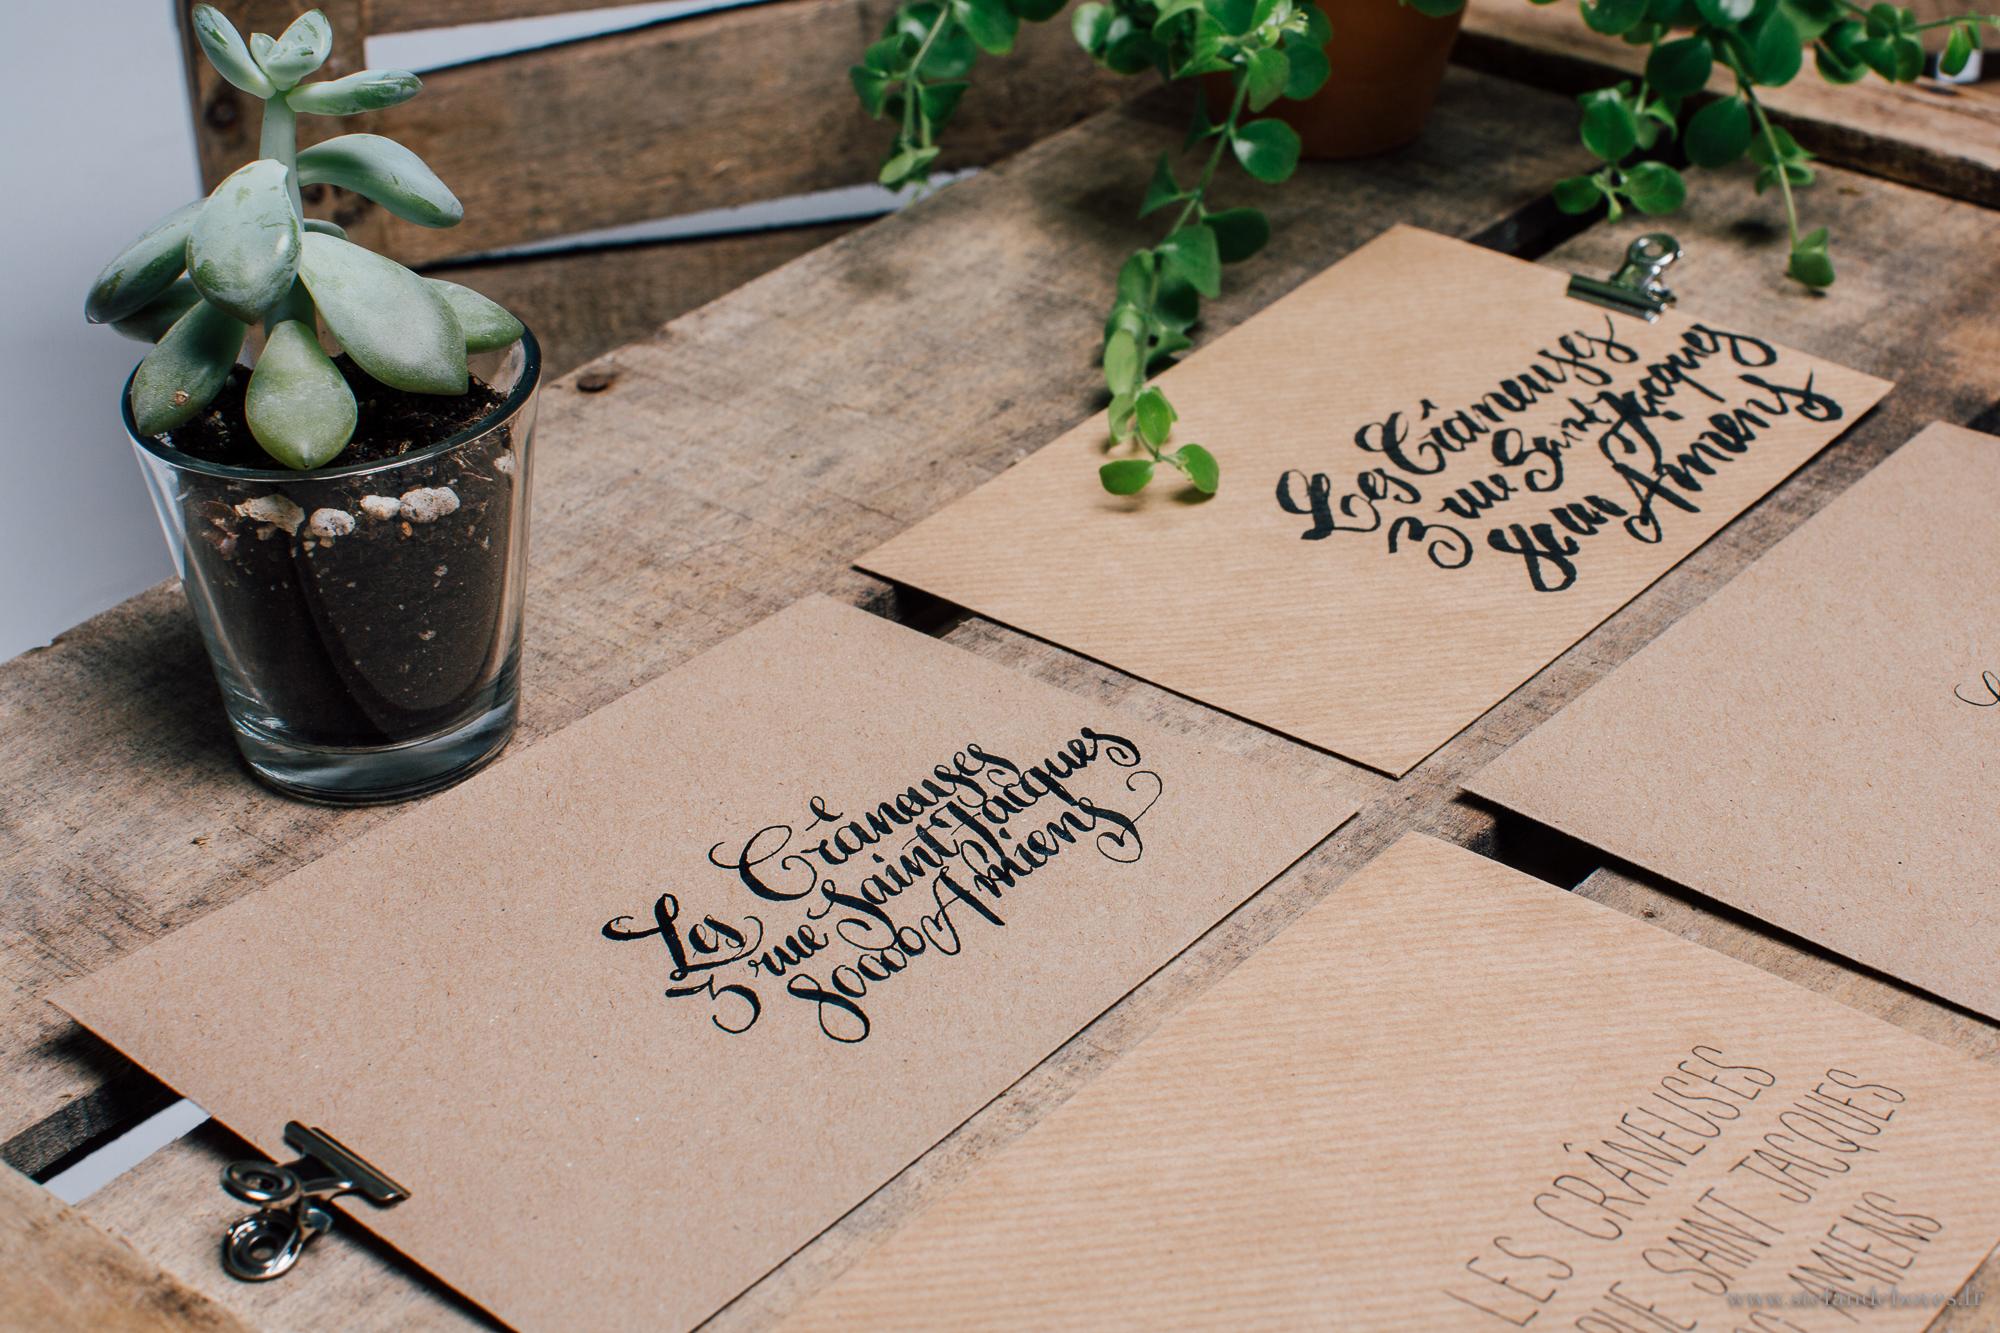 Faire part mariage, Calligraphie, Les crâneuses, Enveloppe, Papeterie mariage, Enveloppe kraft